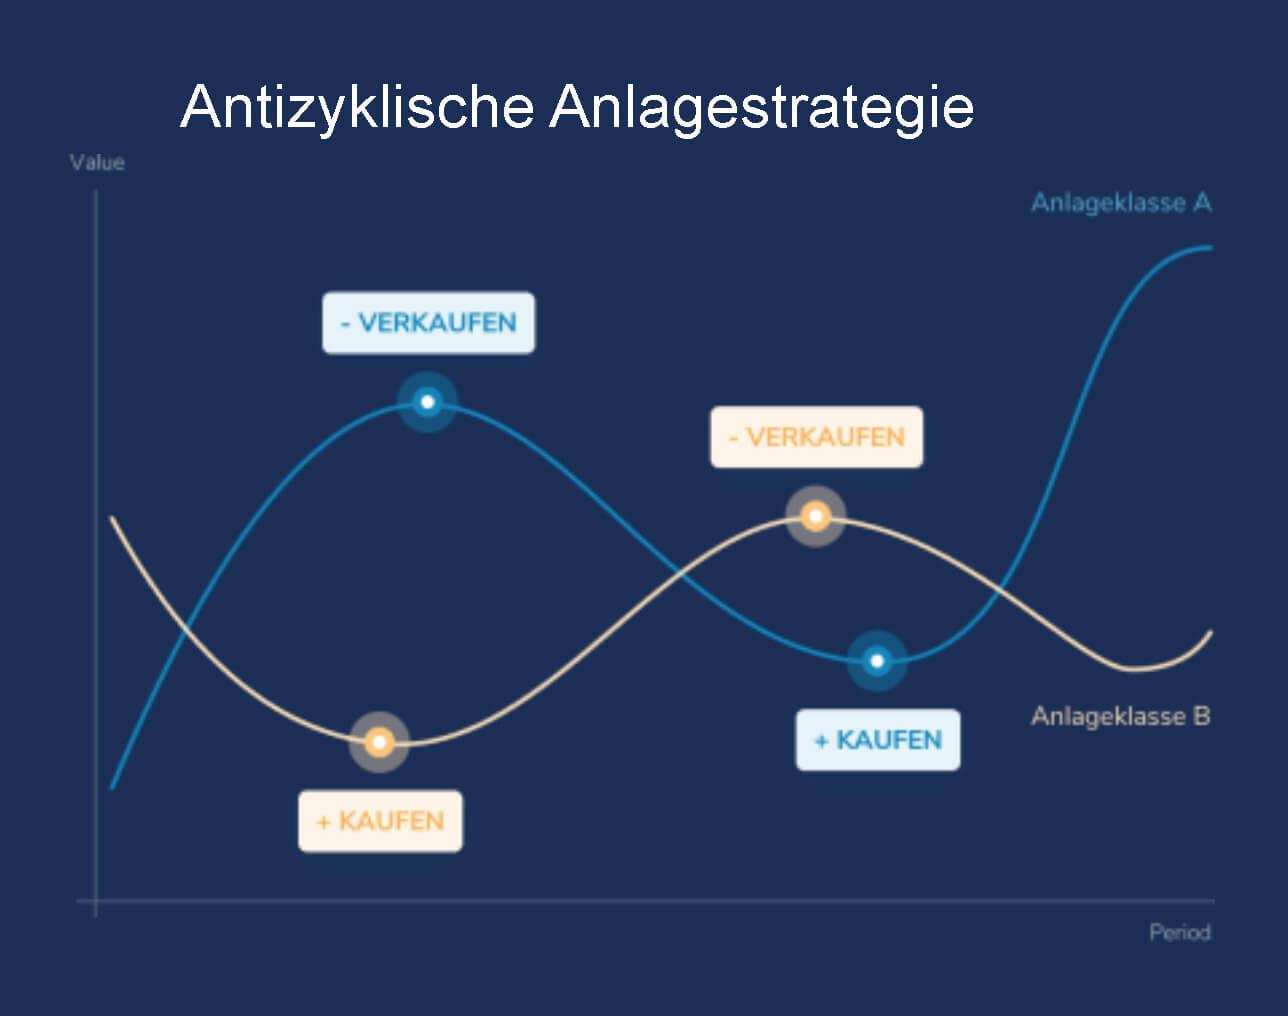 Chart: Antizyklische Anlagestrategie